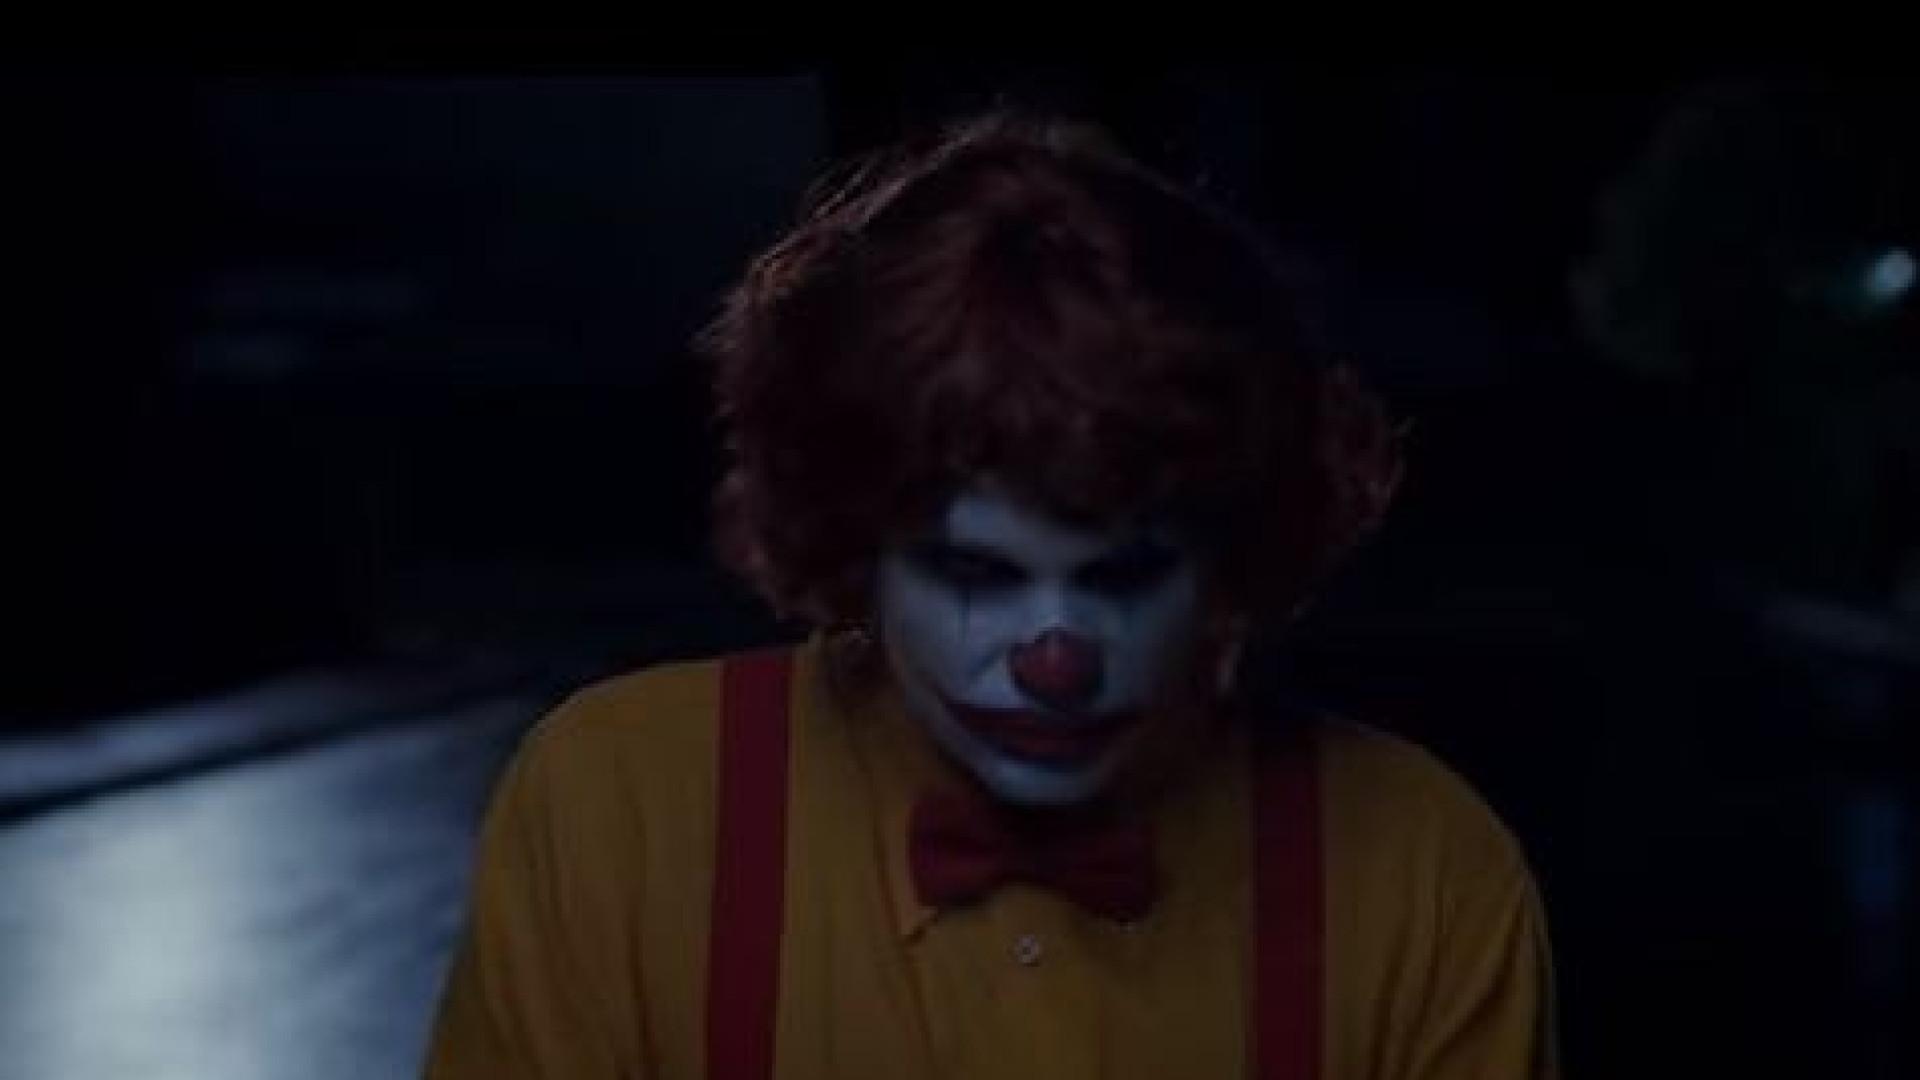 Burger King usa mascote da McDonald's em anúncio... e ganha prémio